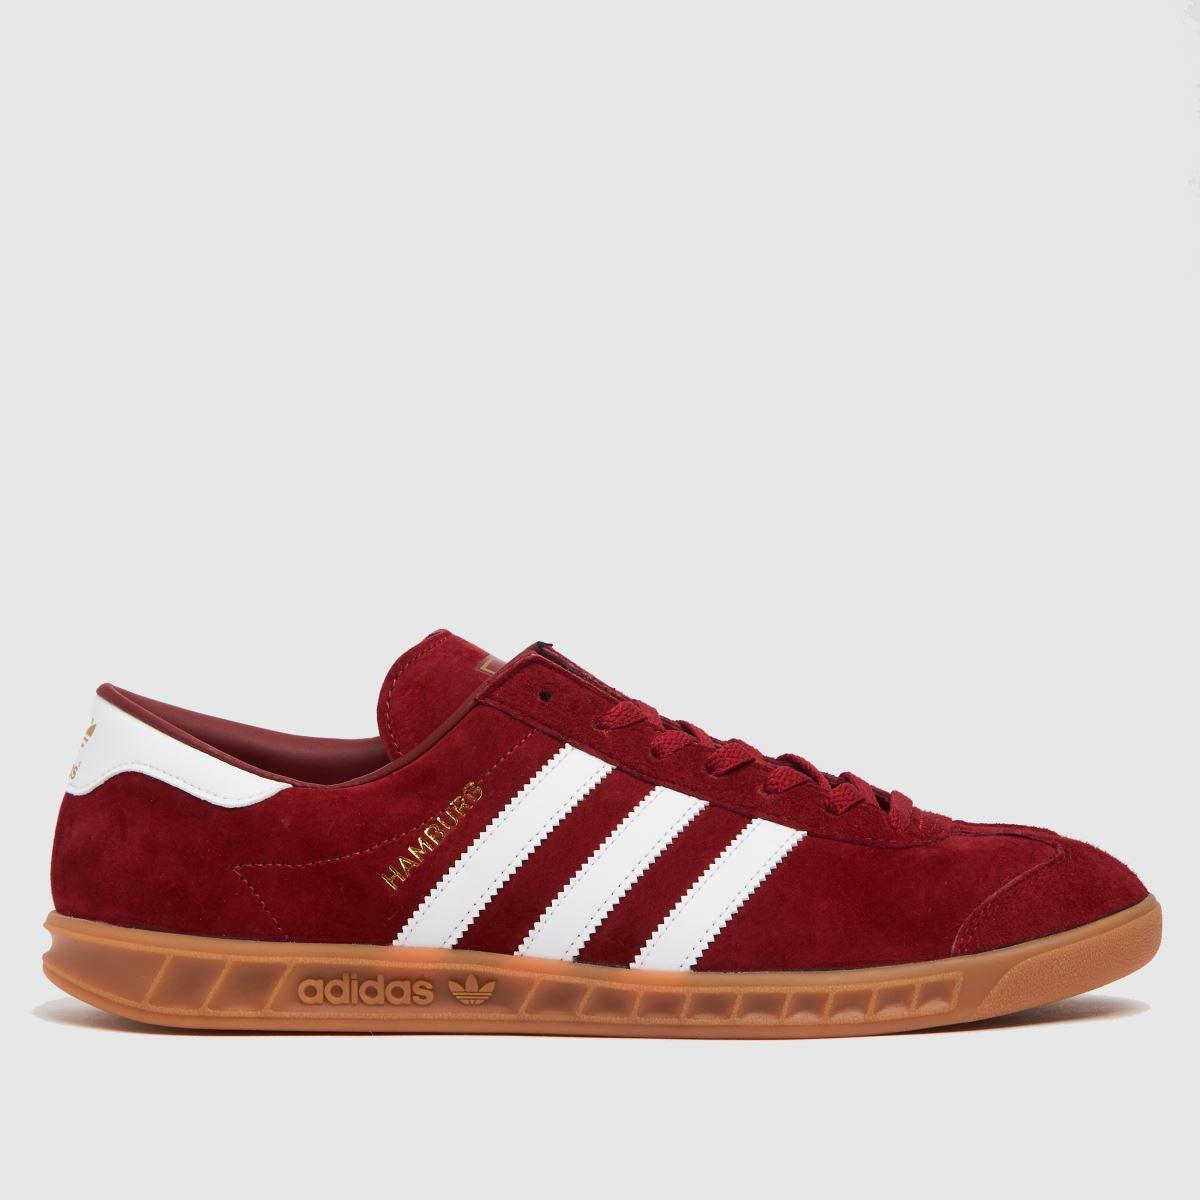 Adidas Red Hamburg Trainers